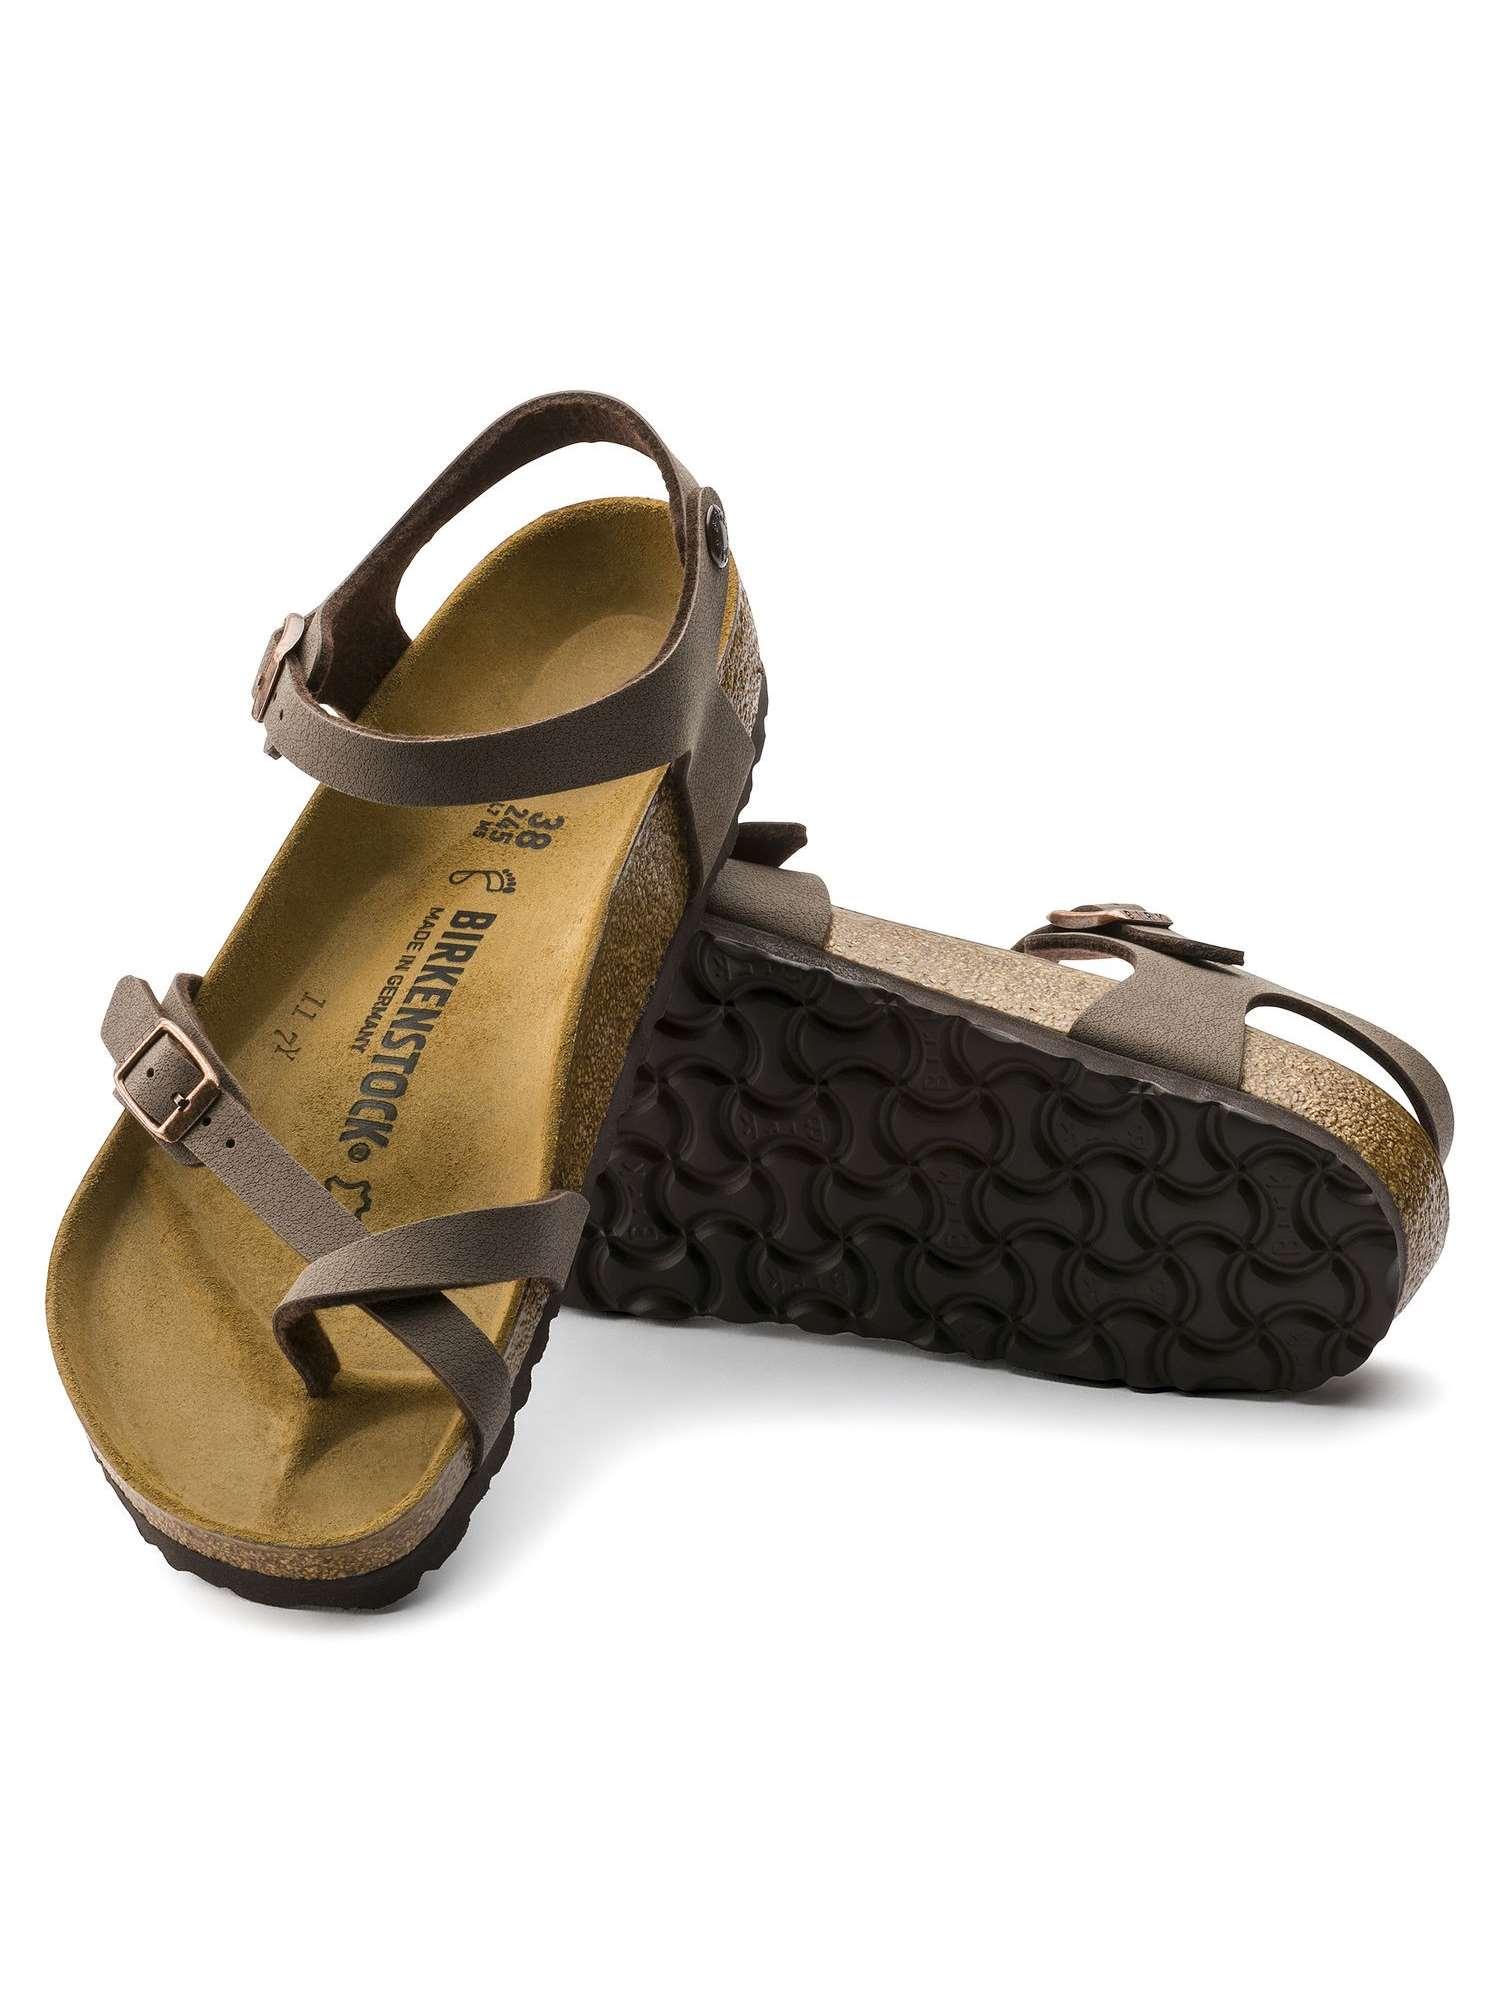 Birkenstock Sandalo Taupe  fdfc4029a6b